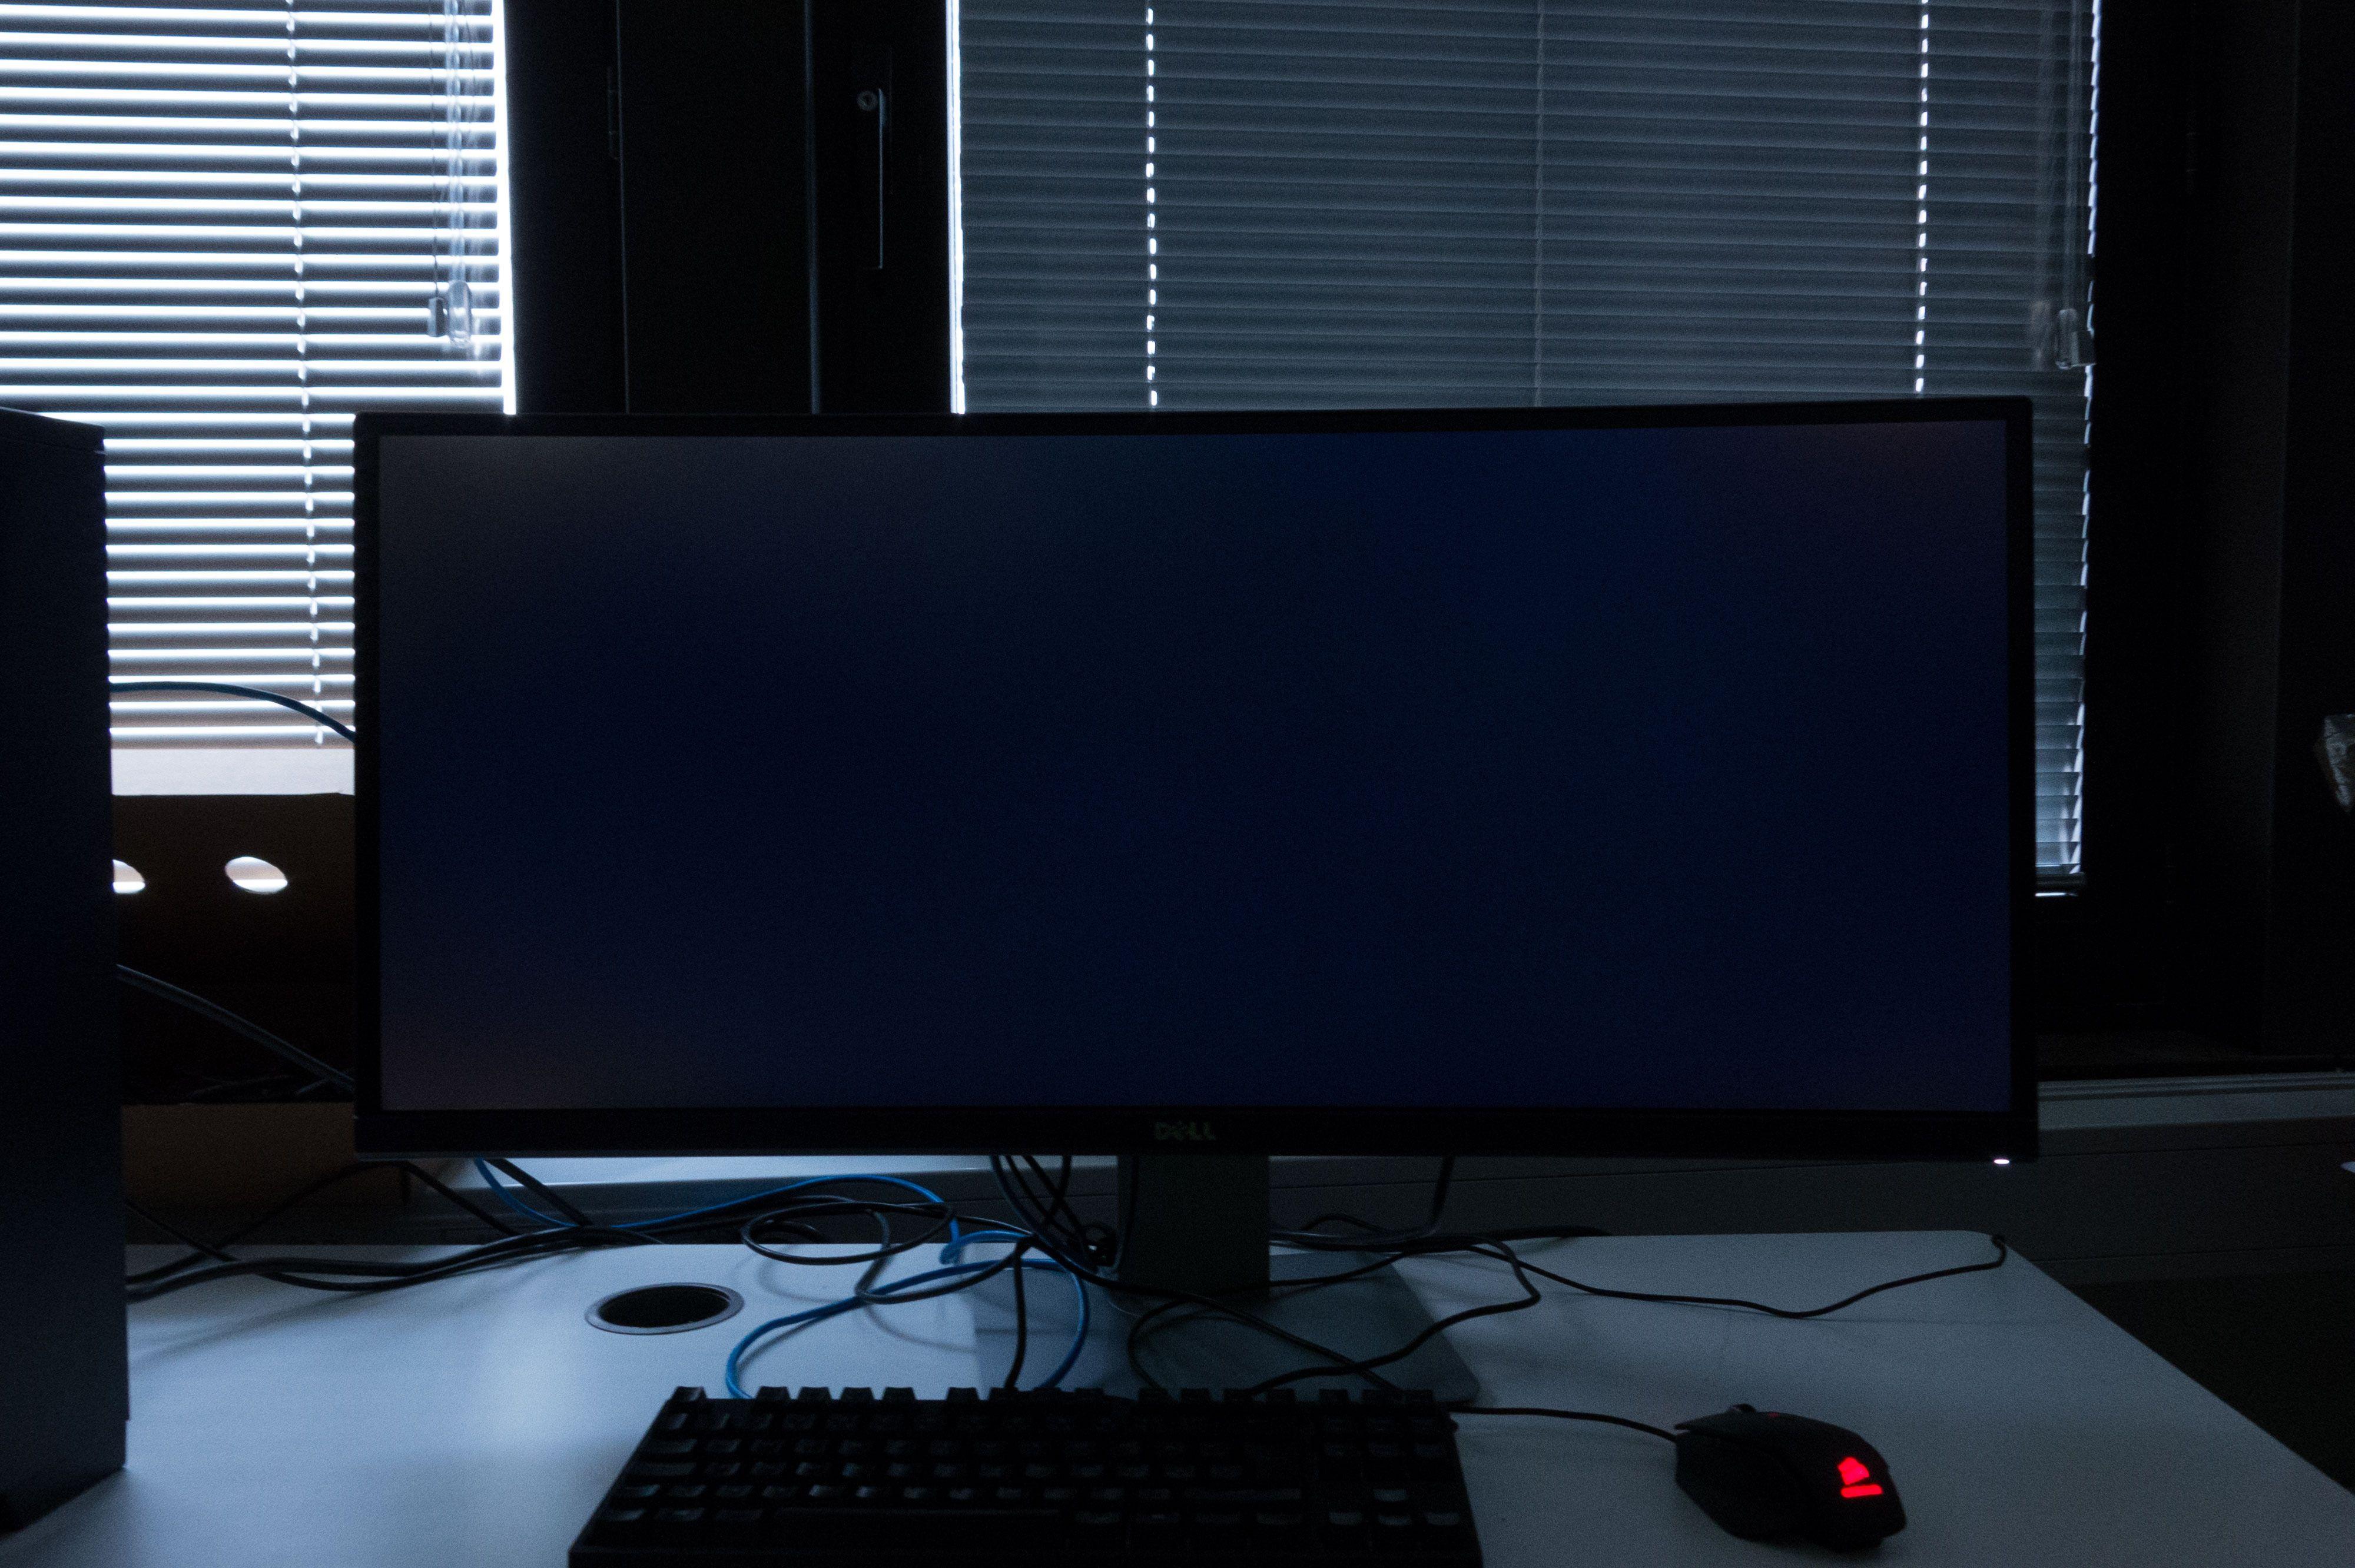 Panelet lekker en del lys, spesielt på venstre side